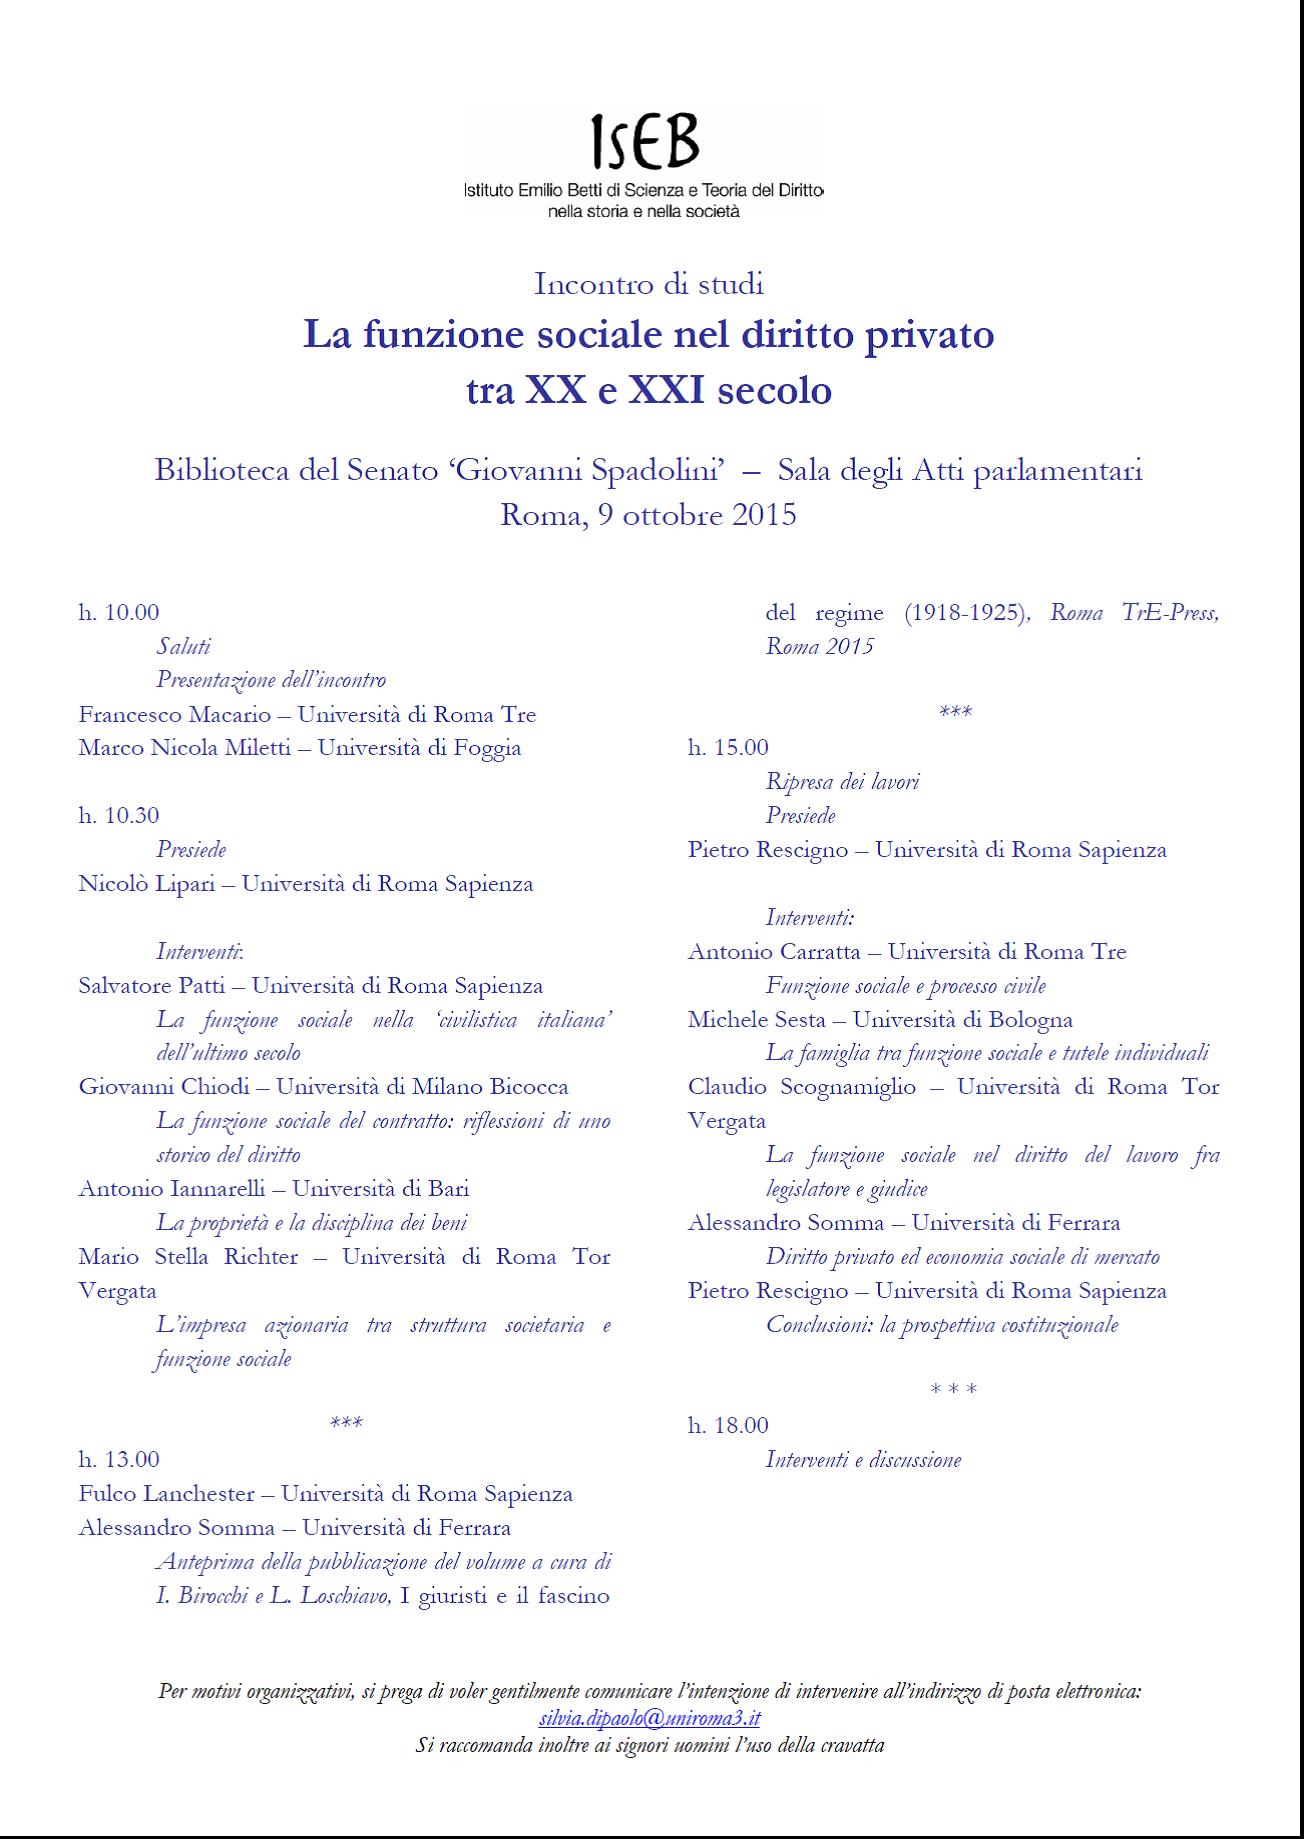 Convegno Istituto Betto 9 Ottobre 2015